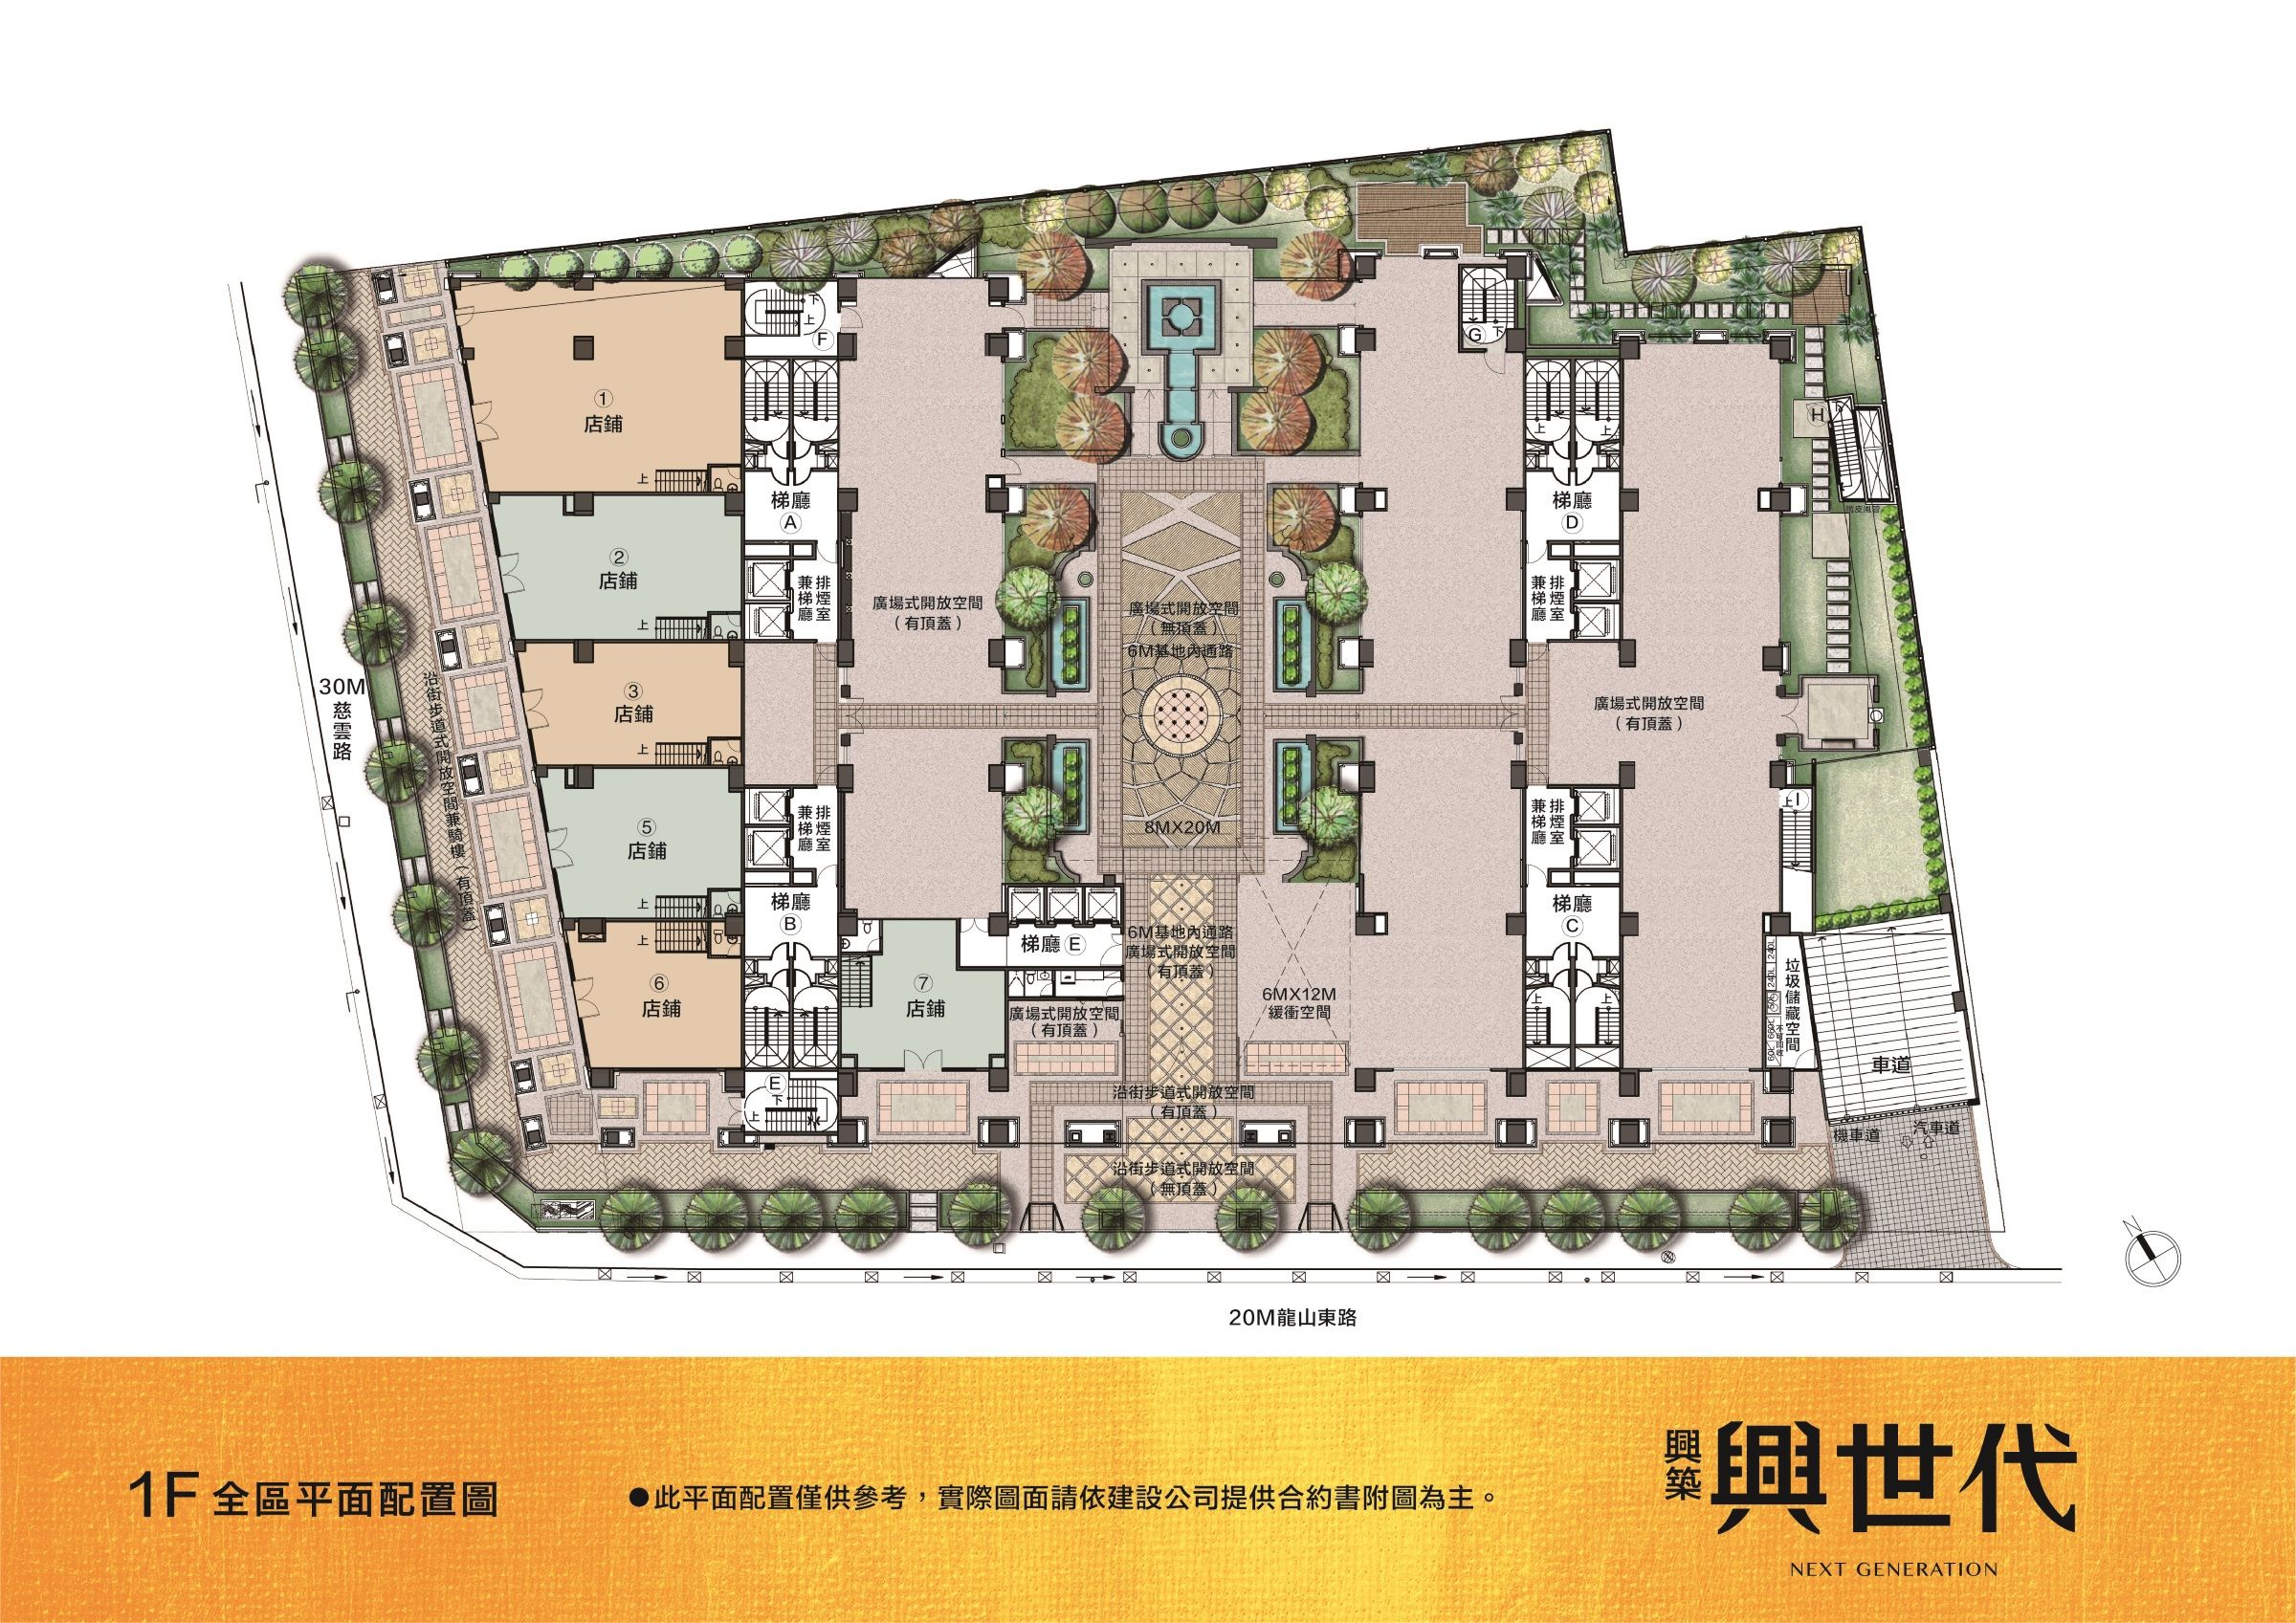 [新竹光埔] 興築建設-興世代(大樓)2015-03-11 023 1F